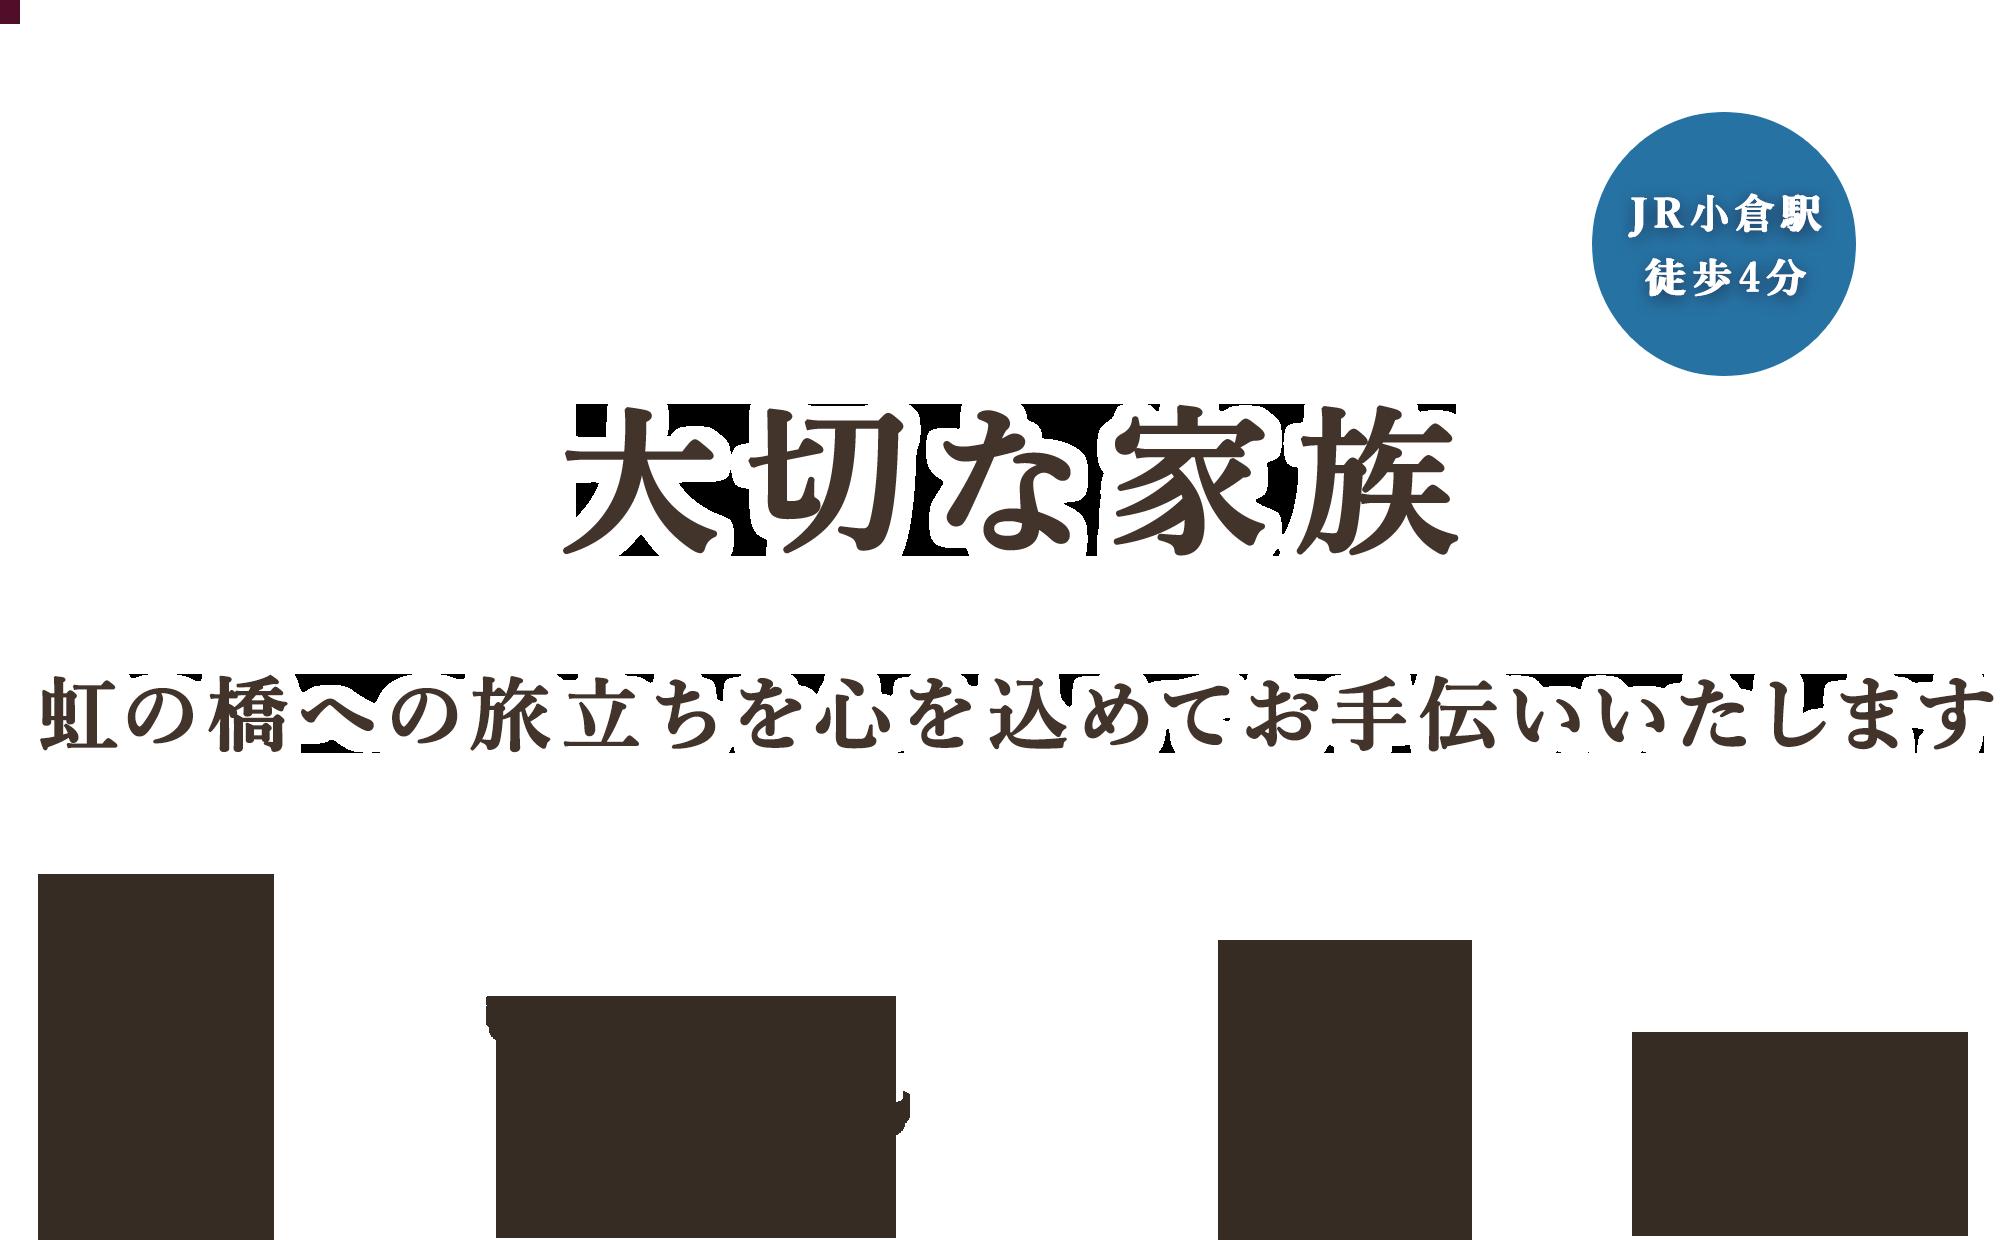 ずっと、大切にしたいから ご家族の優しいお気持ちにお応えし、「ありがとう」をカタチにします JR小倉駅徒歩4分